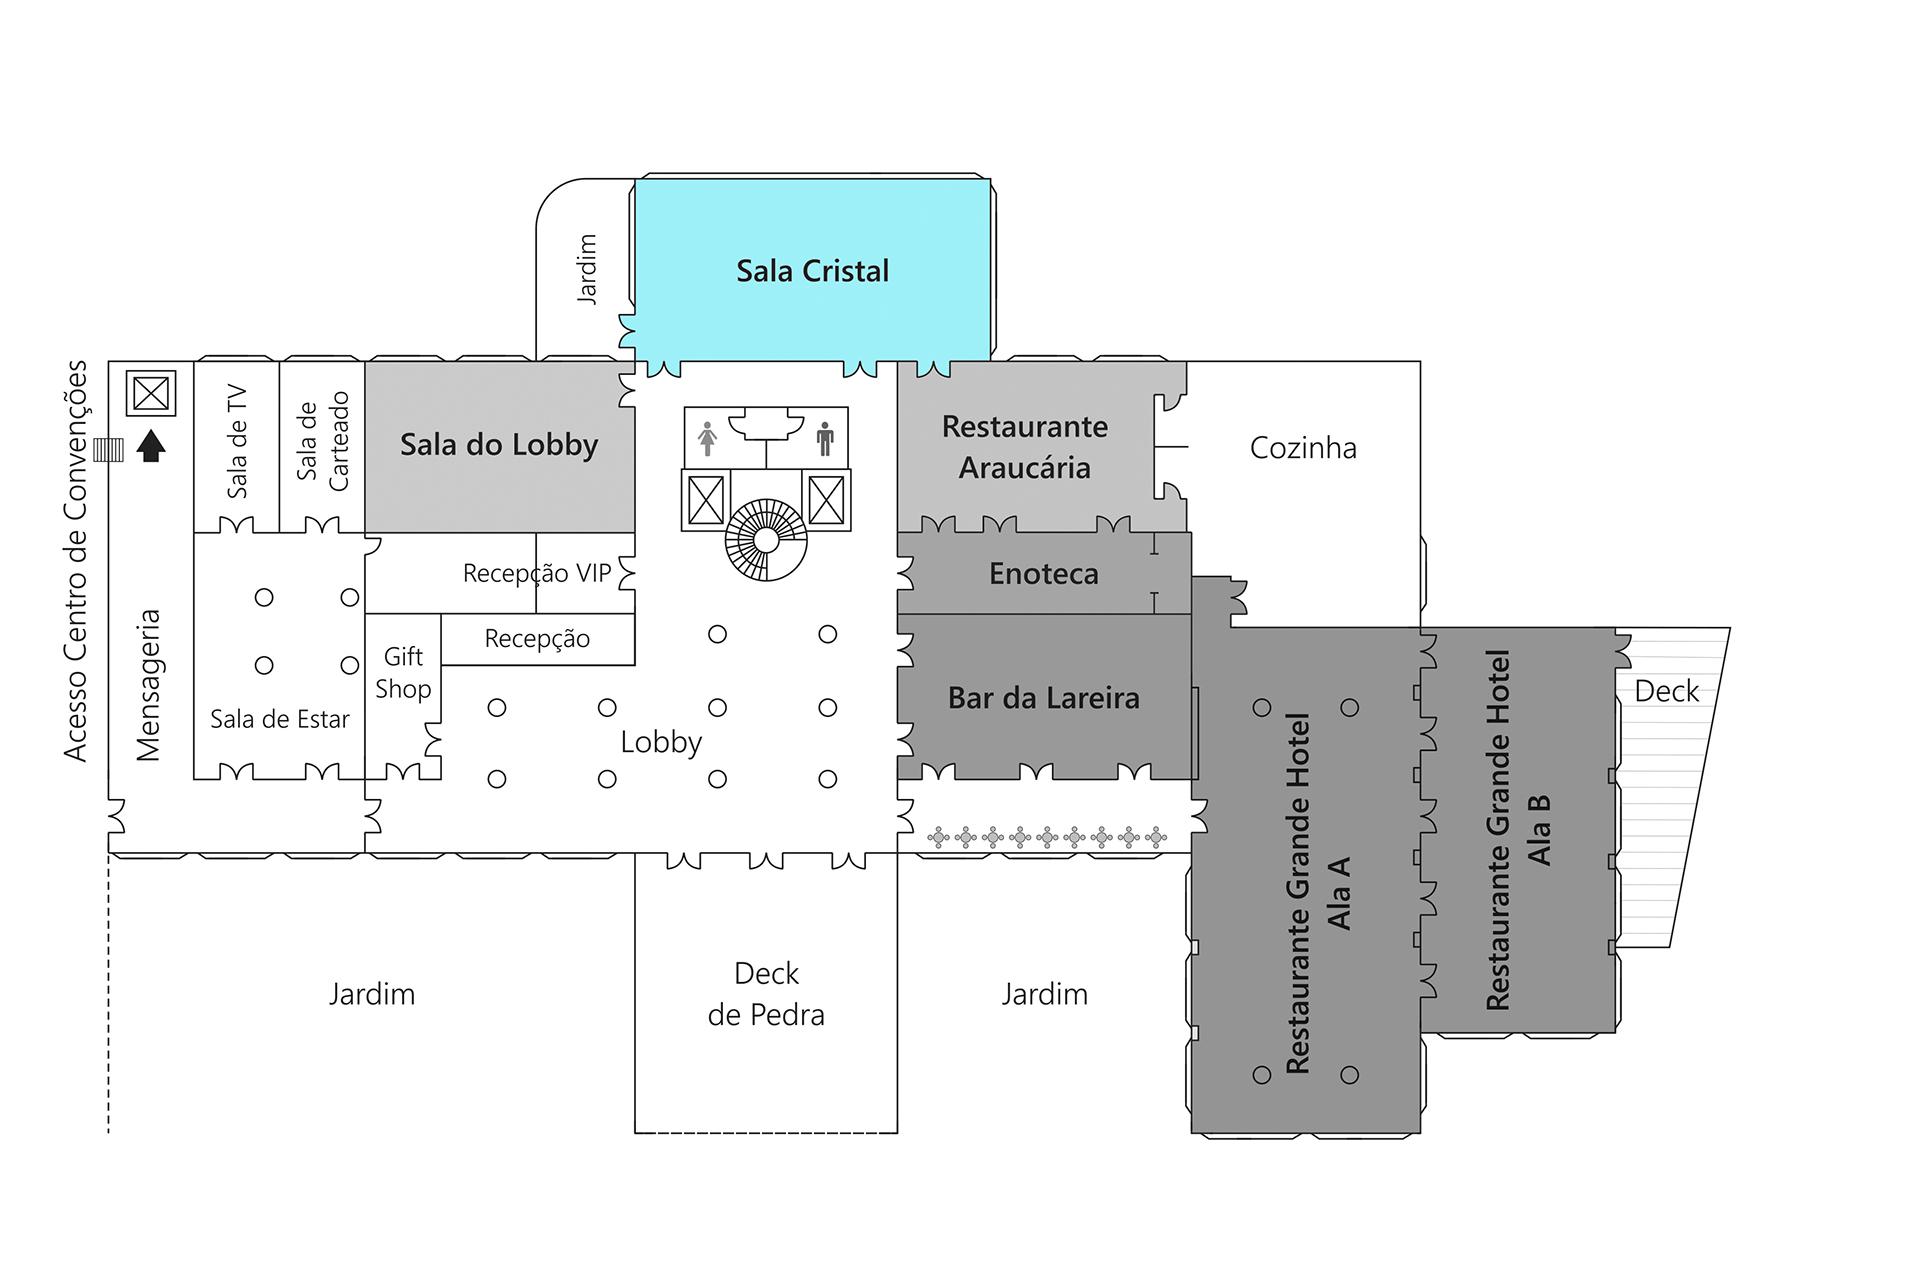 Grande Hotel Campos do Jordão - Planta Sala Cristal